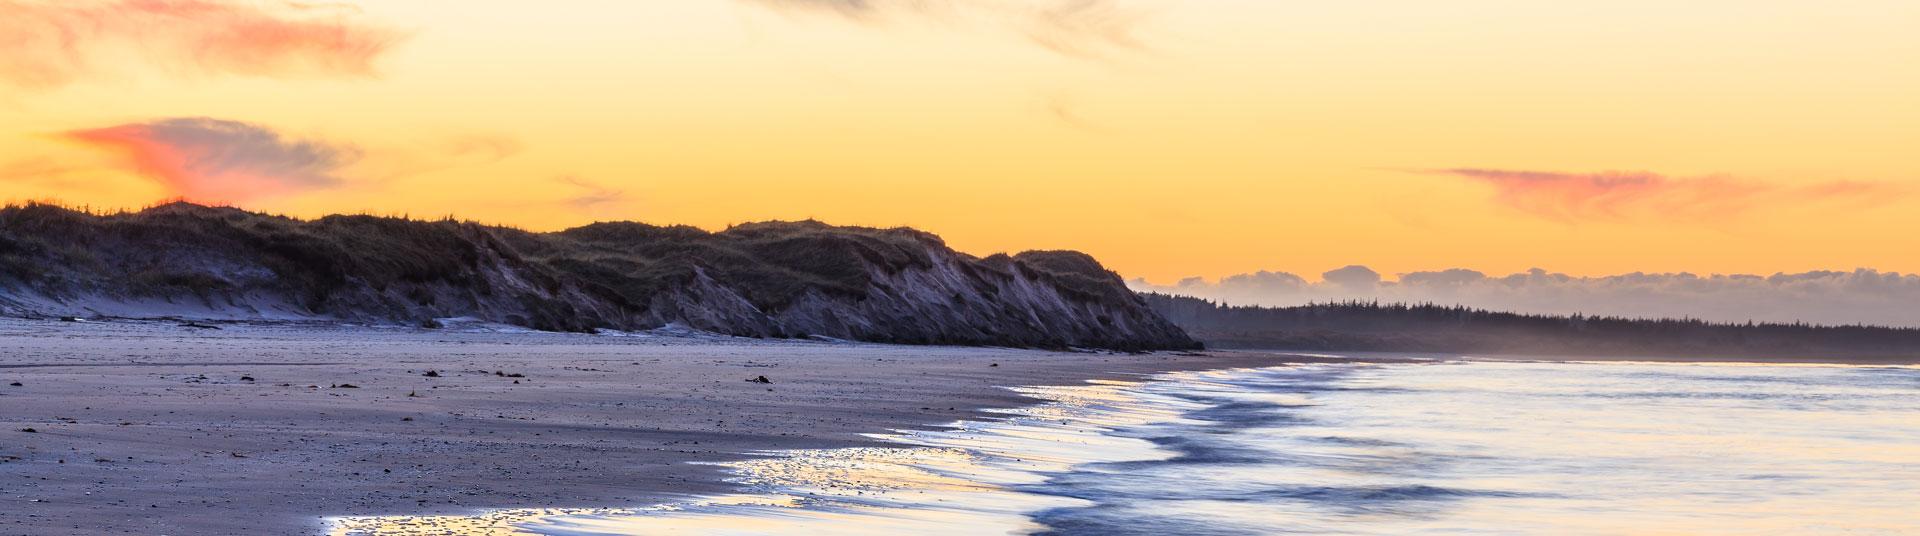 Küstenpanorama an Dänemarks Westküste